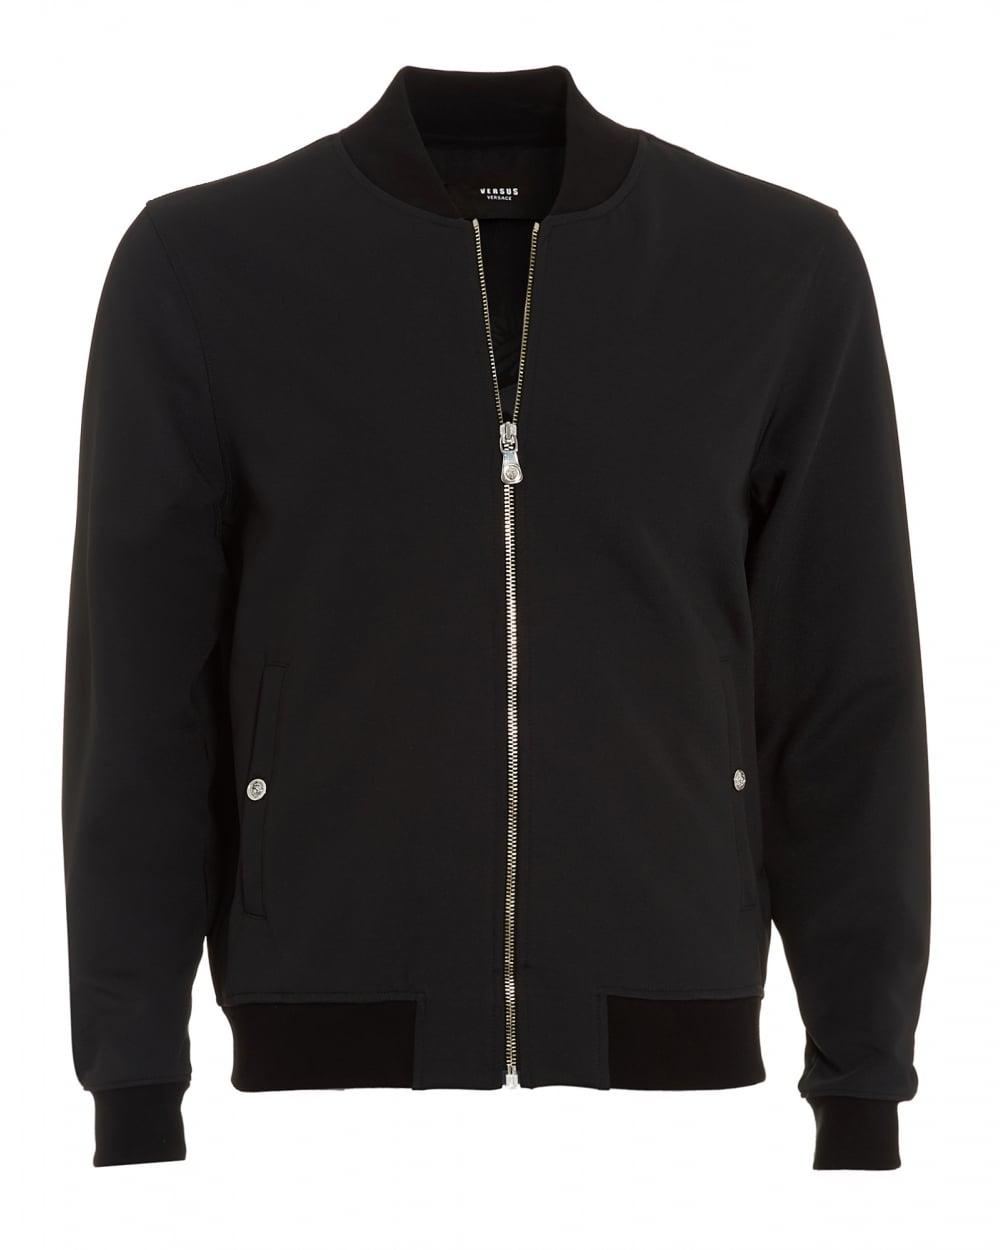 Versus Versace Mens Bomber Jacket, Large Lion Black Jacket